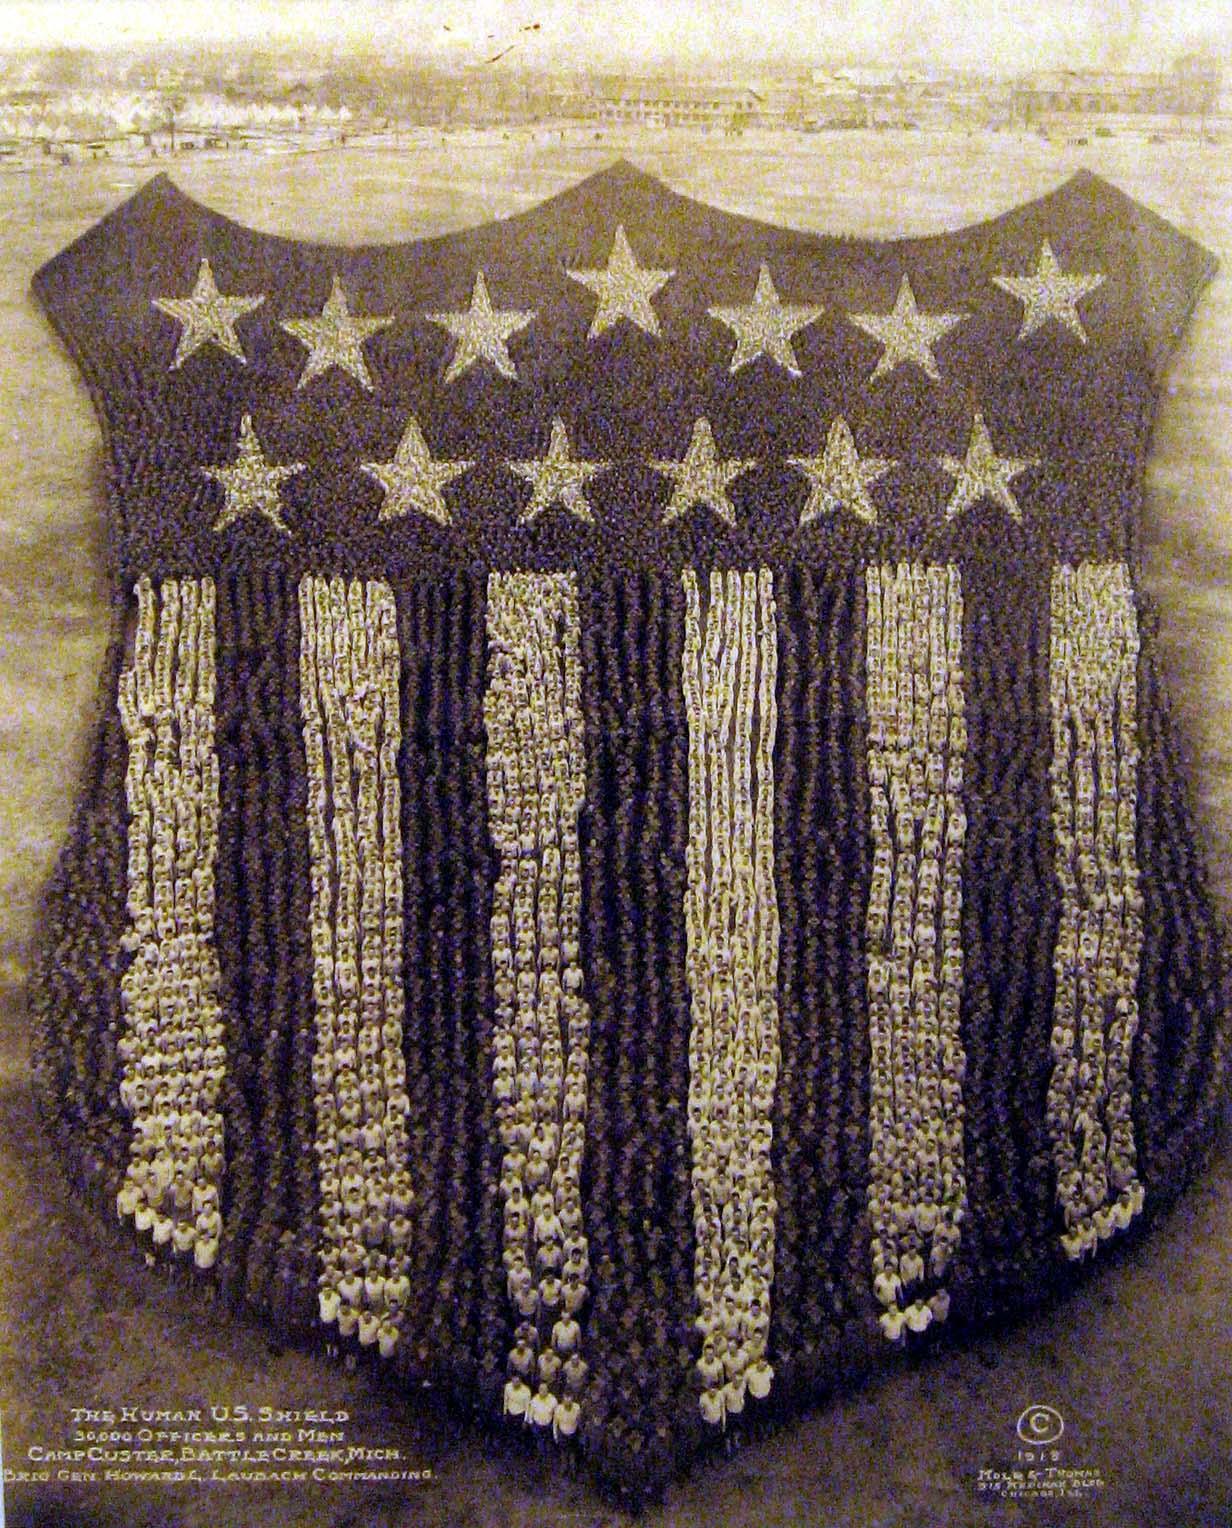 MPH 63, Human US Shield